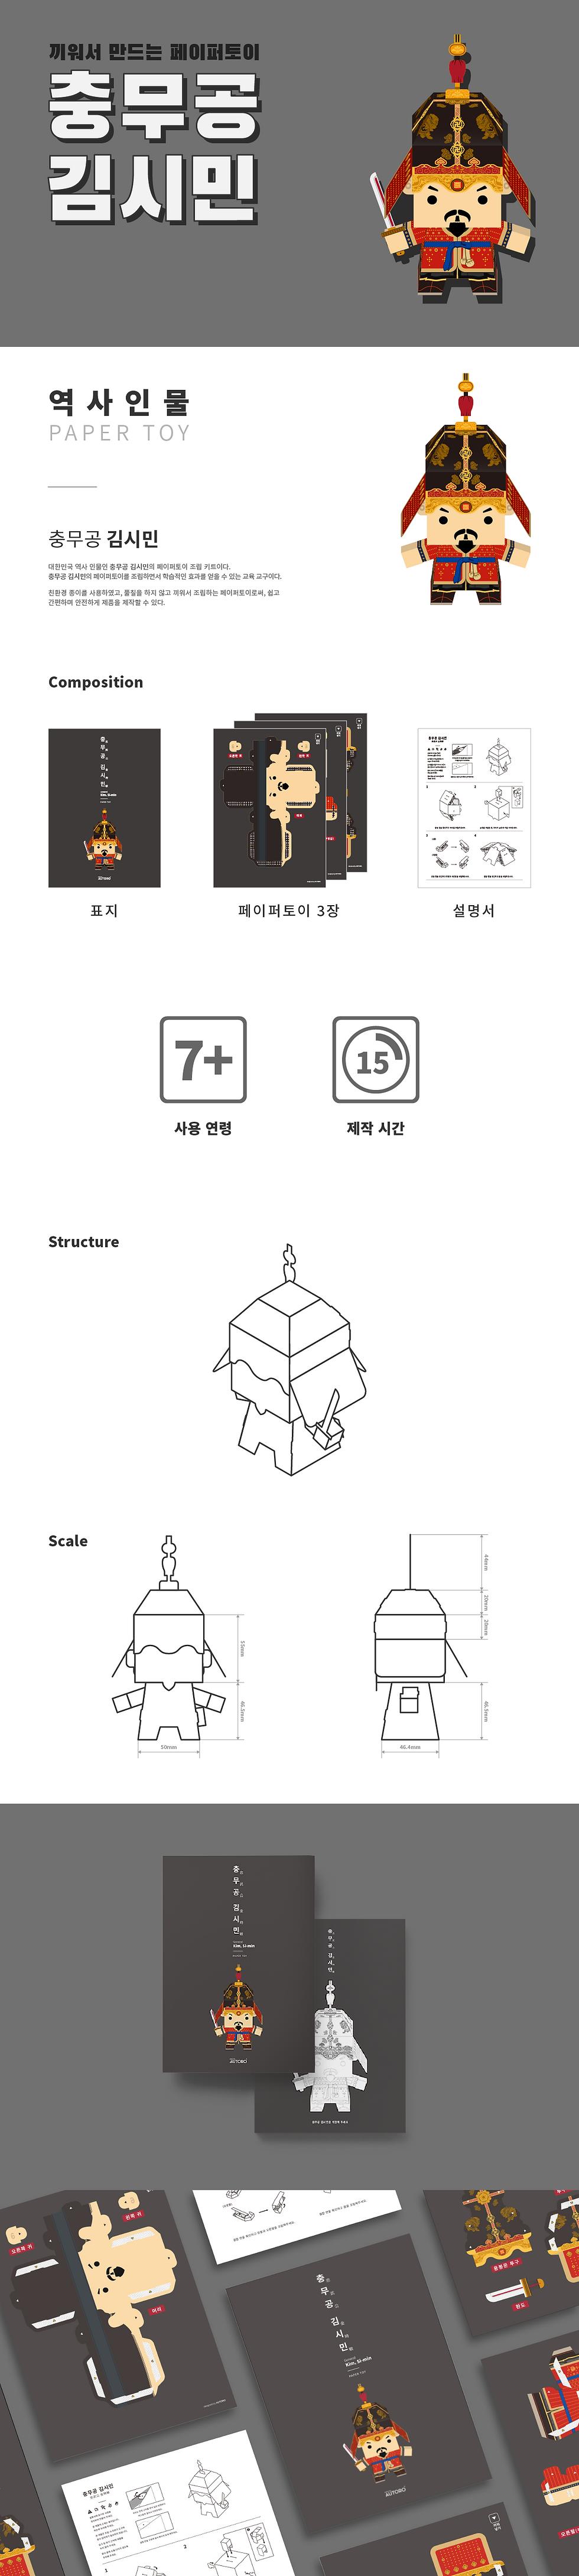 01-18. 충무공 김시민_비접착_상세페이지.png